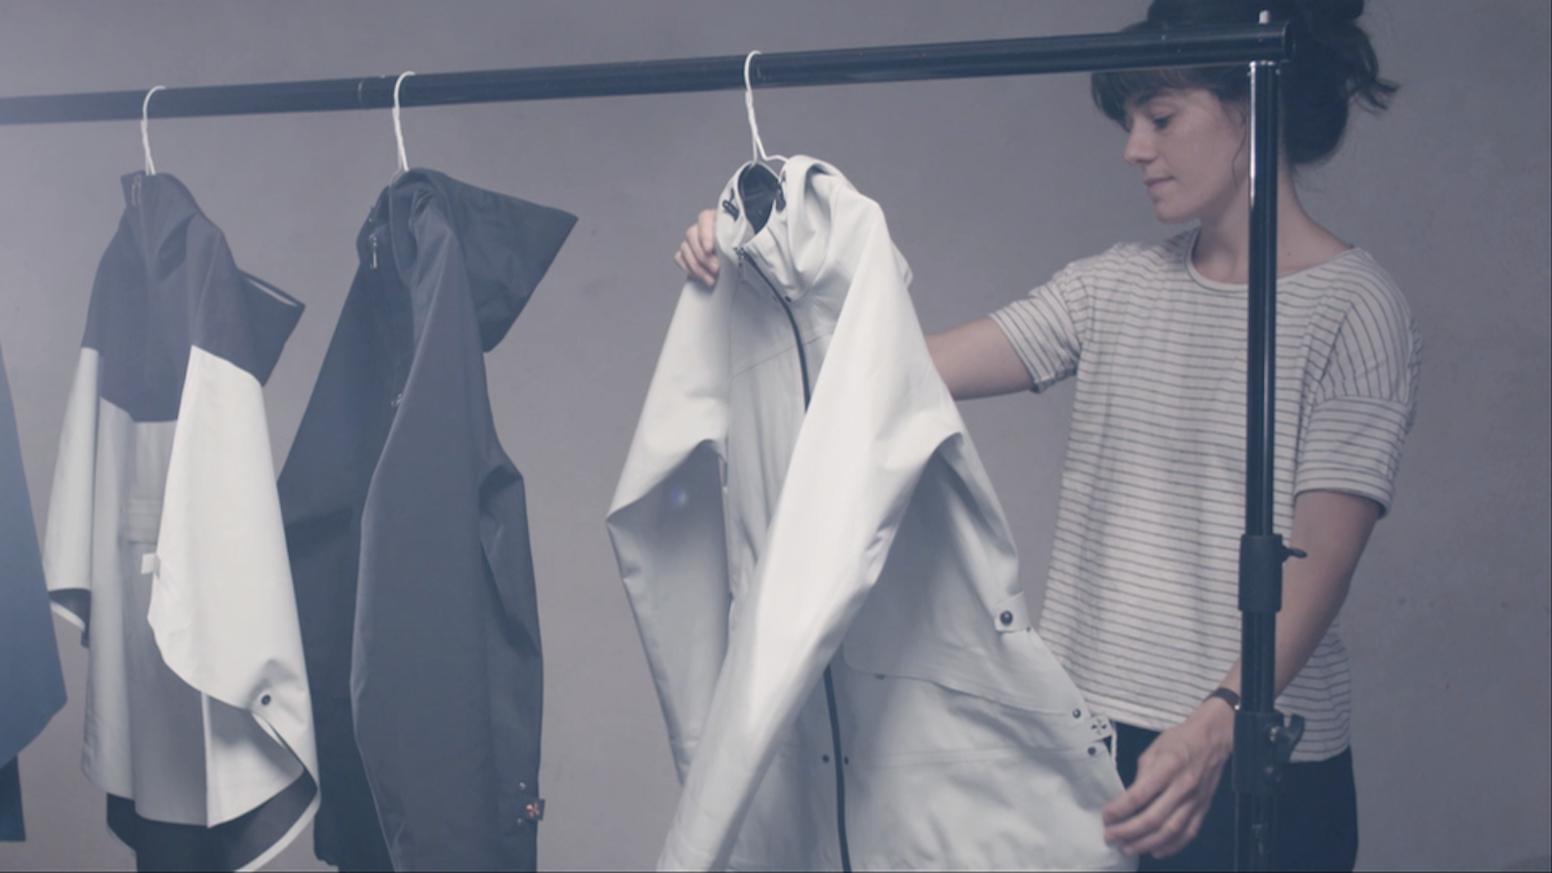 Les premières vestes techniques fabriquées en France ! Une solution innovante et responsable de conception et de fabrication.